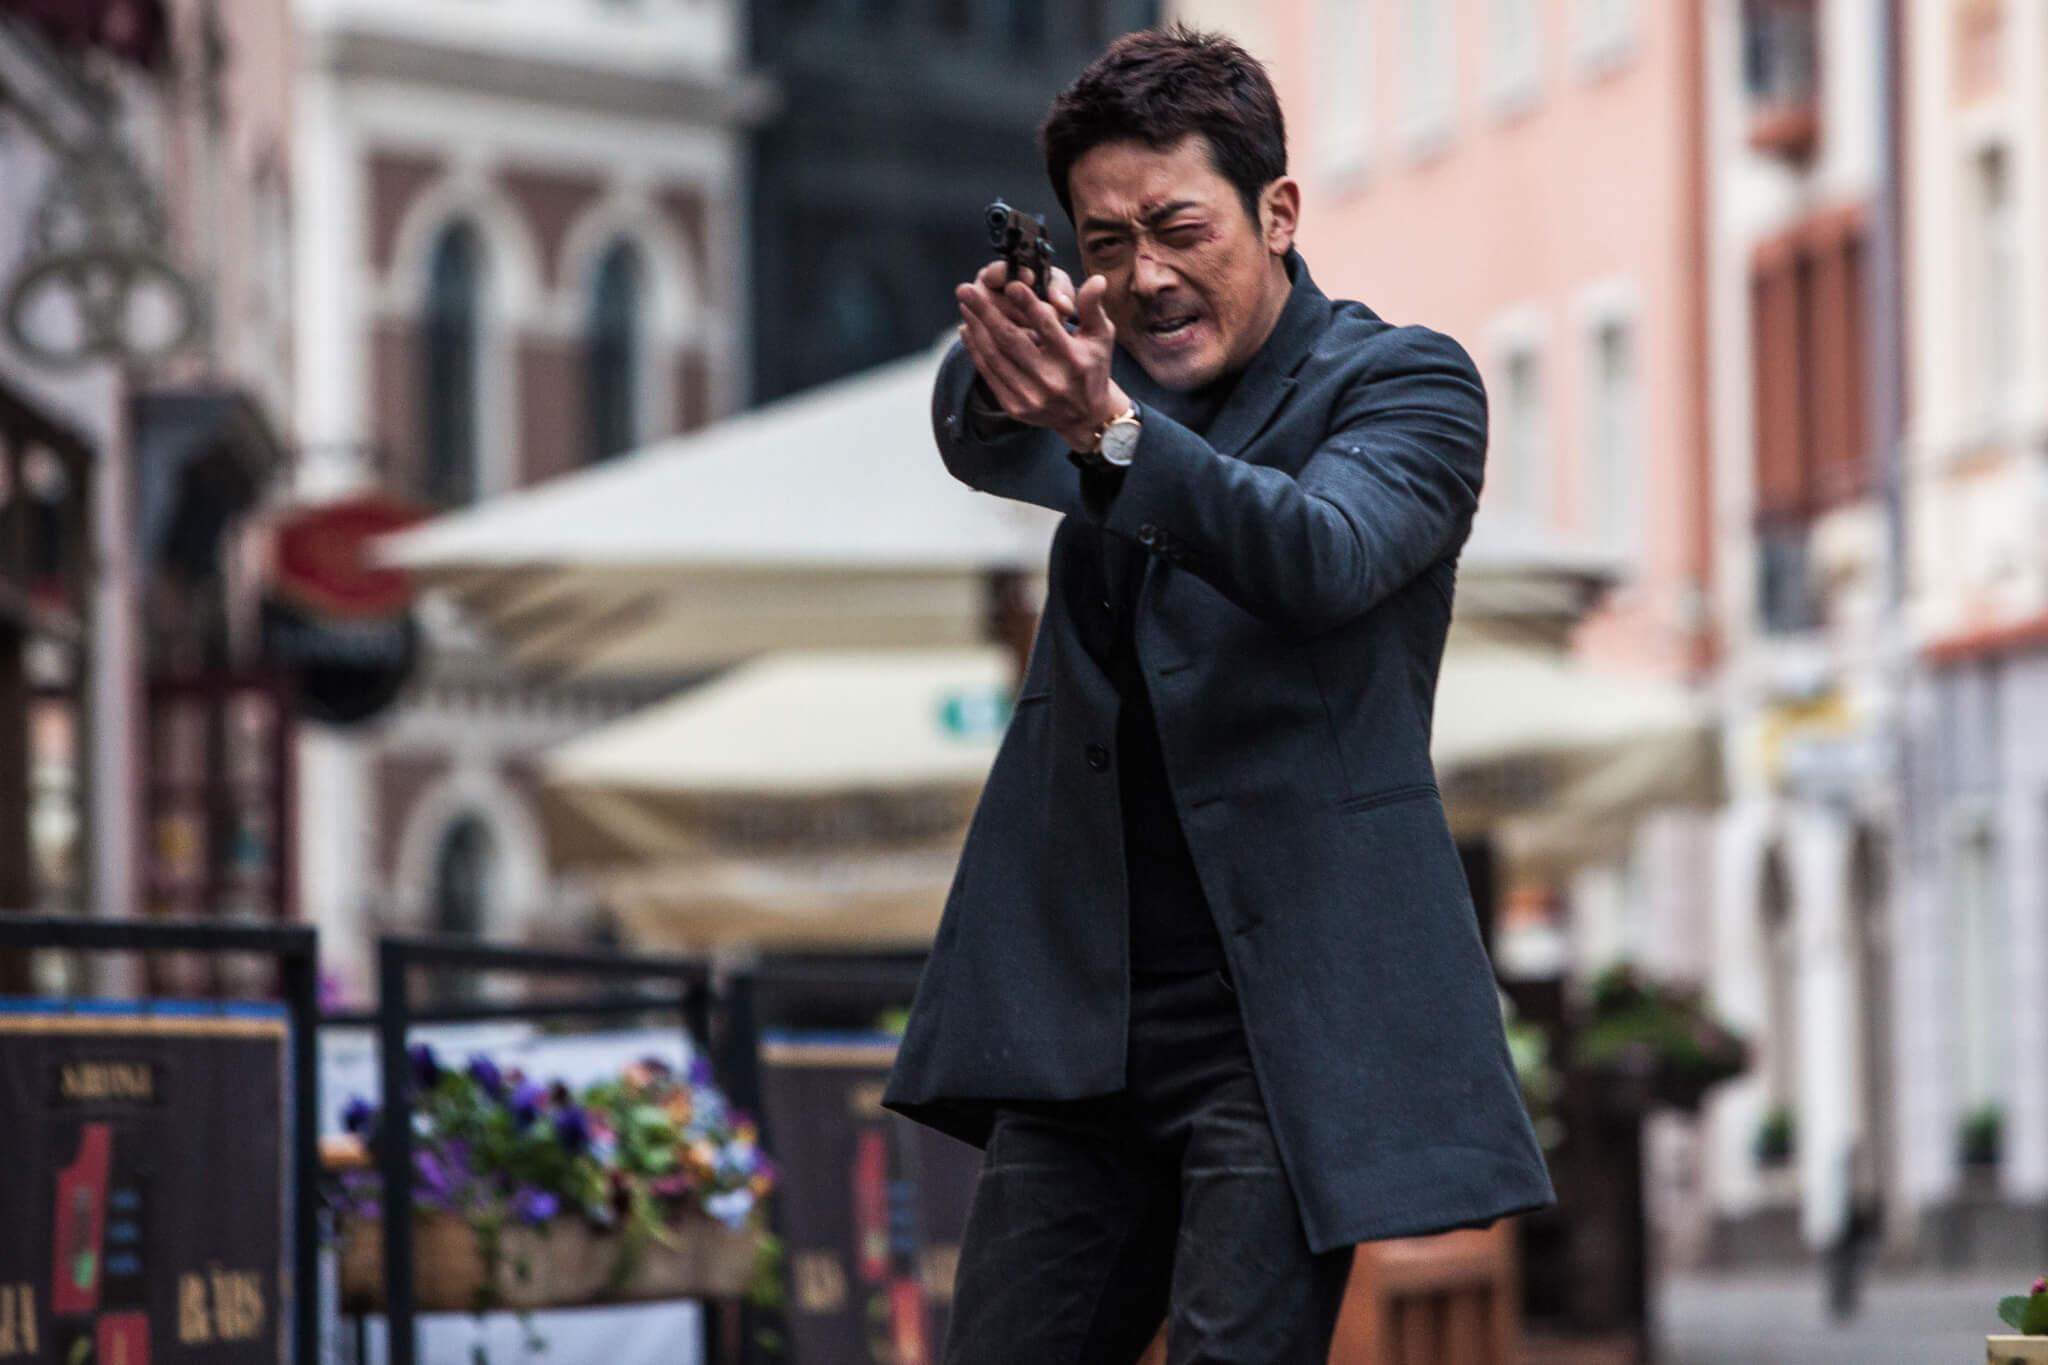 事件發生當時,不少韓國人對河正宇的印象都停留在《追擊者》中的變態殺人犯,難怪市民和警方都誤會了他!